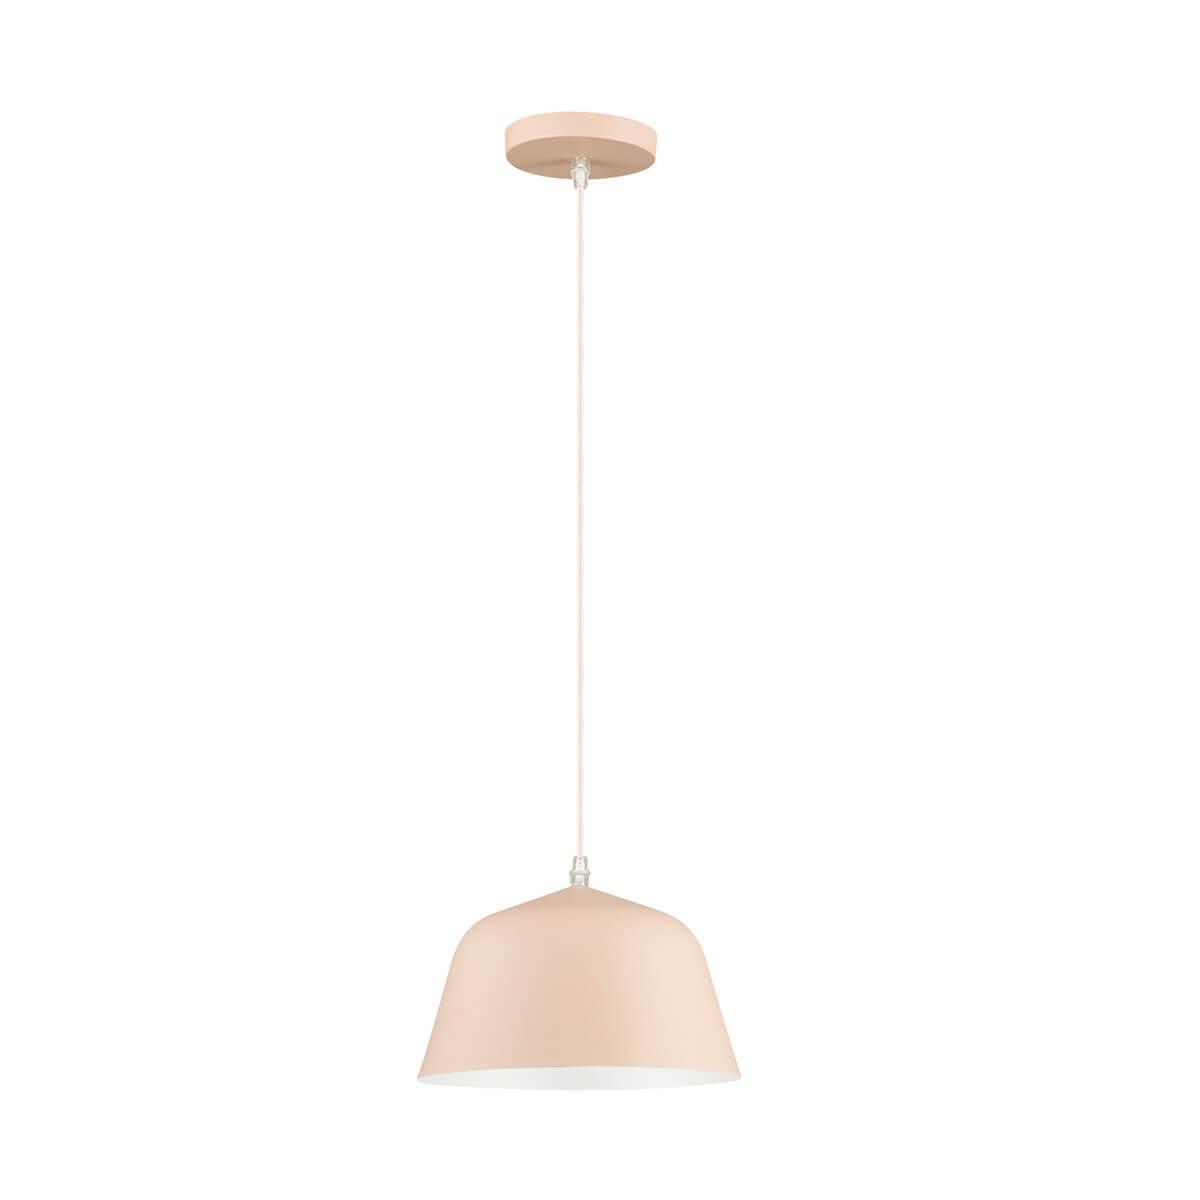 Светильник Lumion 3679/1 Suspentioni lumion подвесной светильник lumion gwen 3681 1